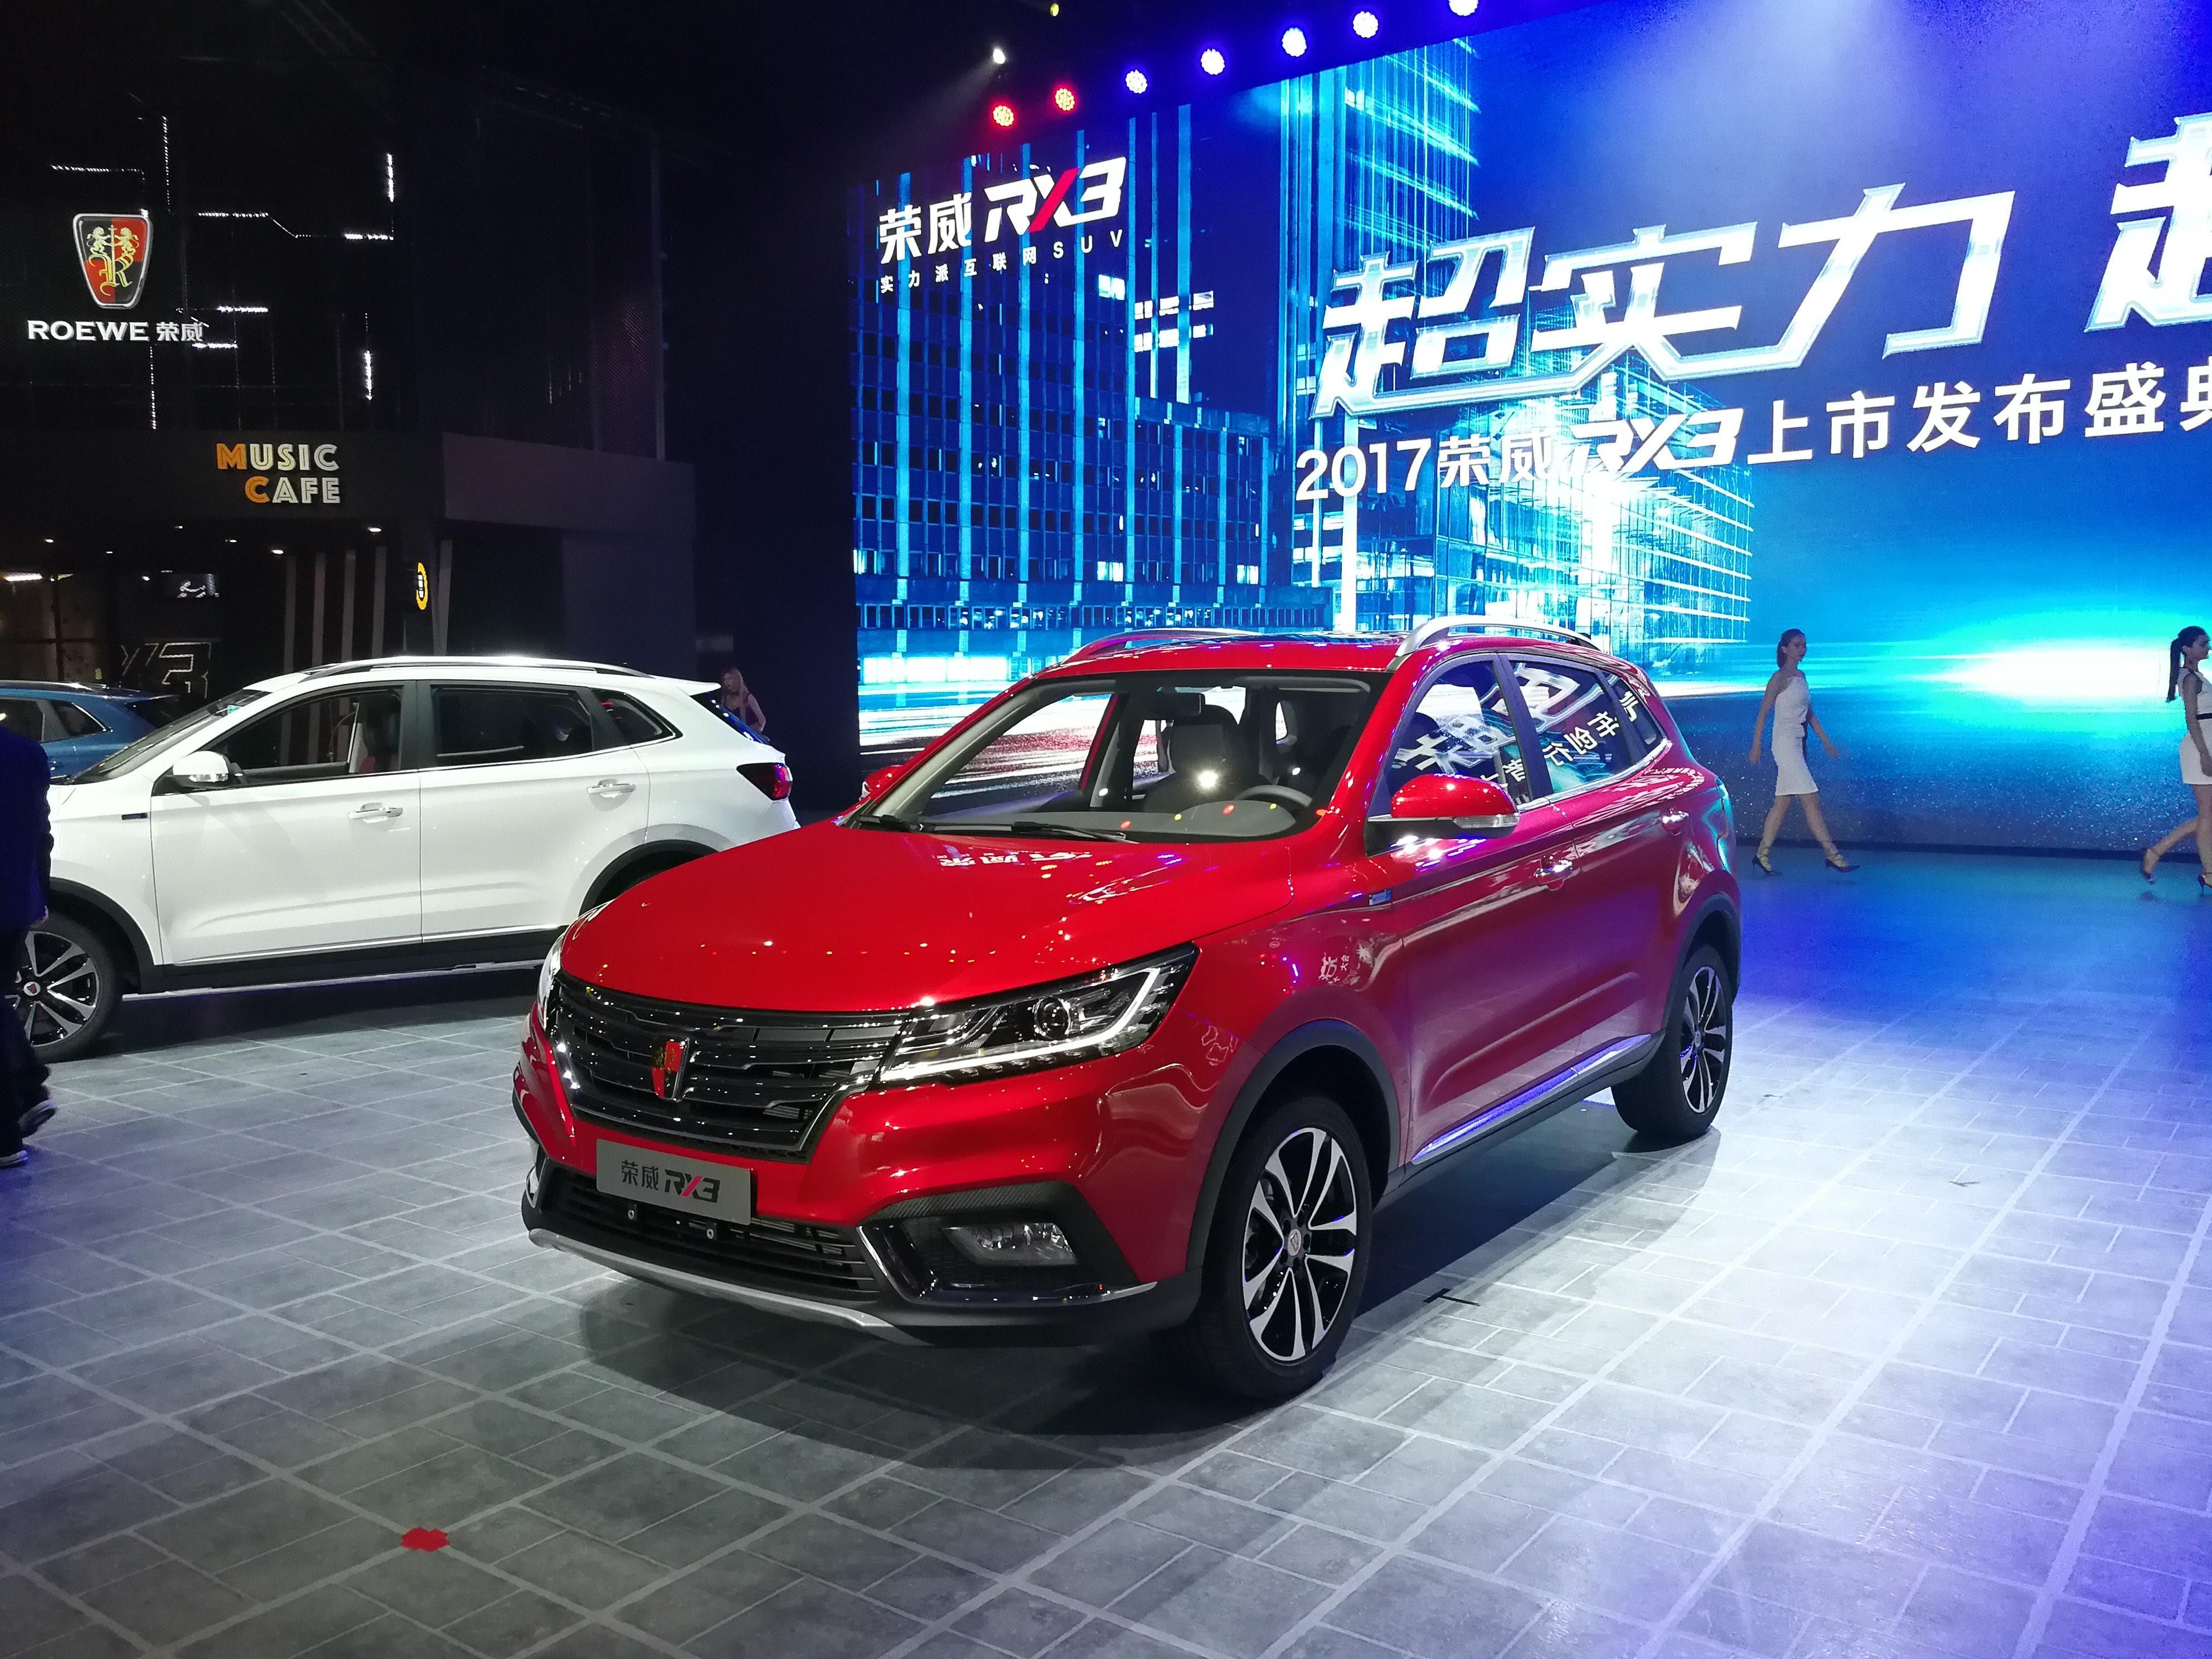 荣威RX3广州车展前正式上市 售8.98-13.58万元/搭载智能网联